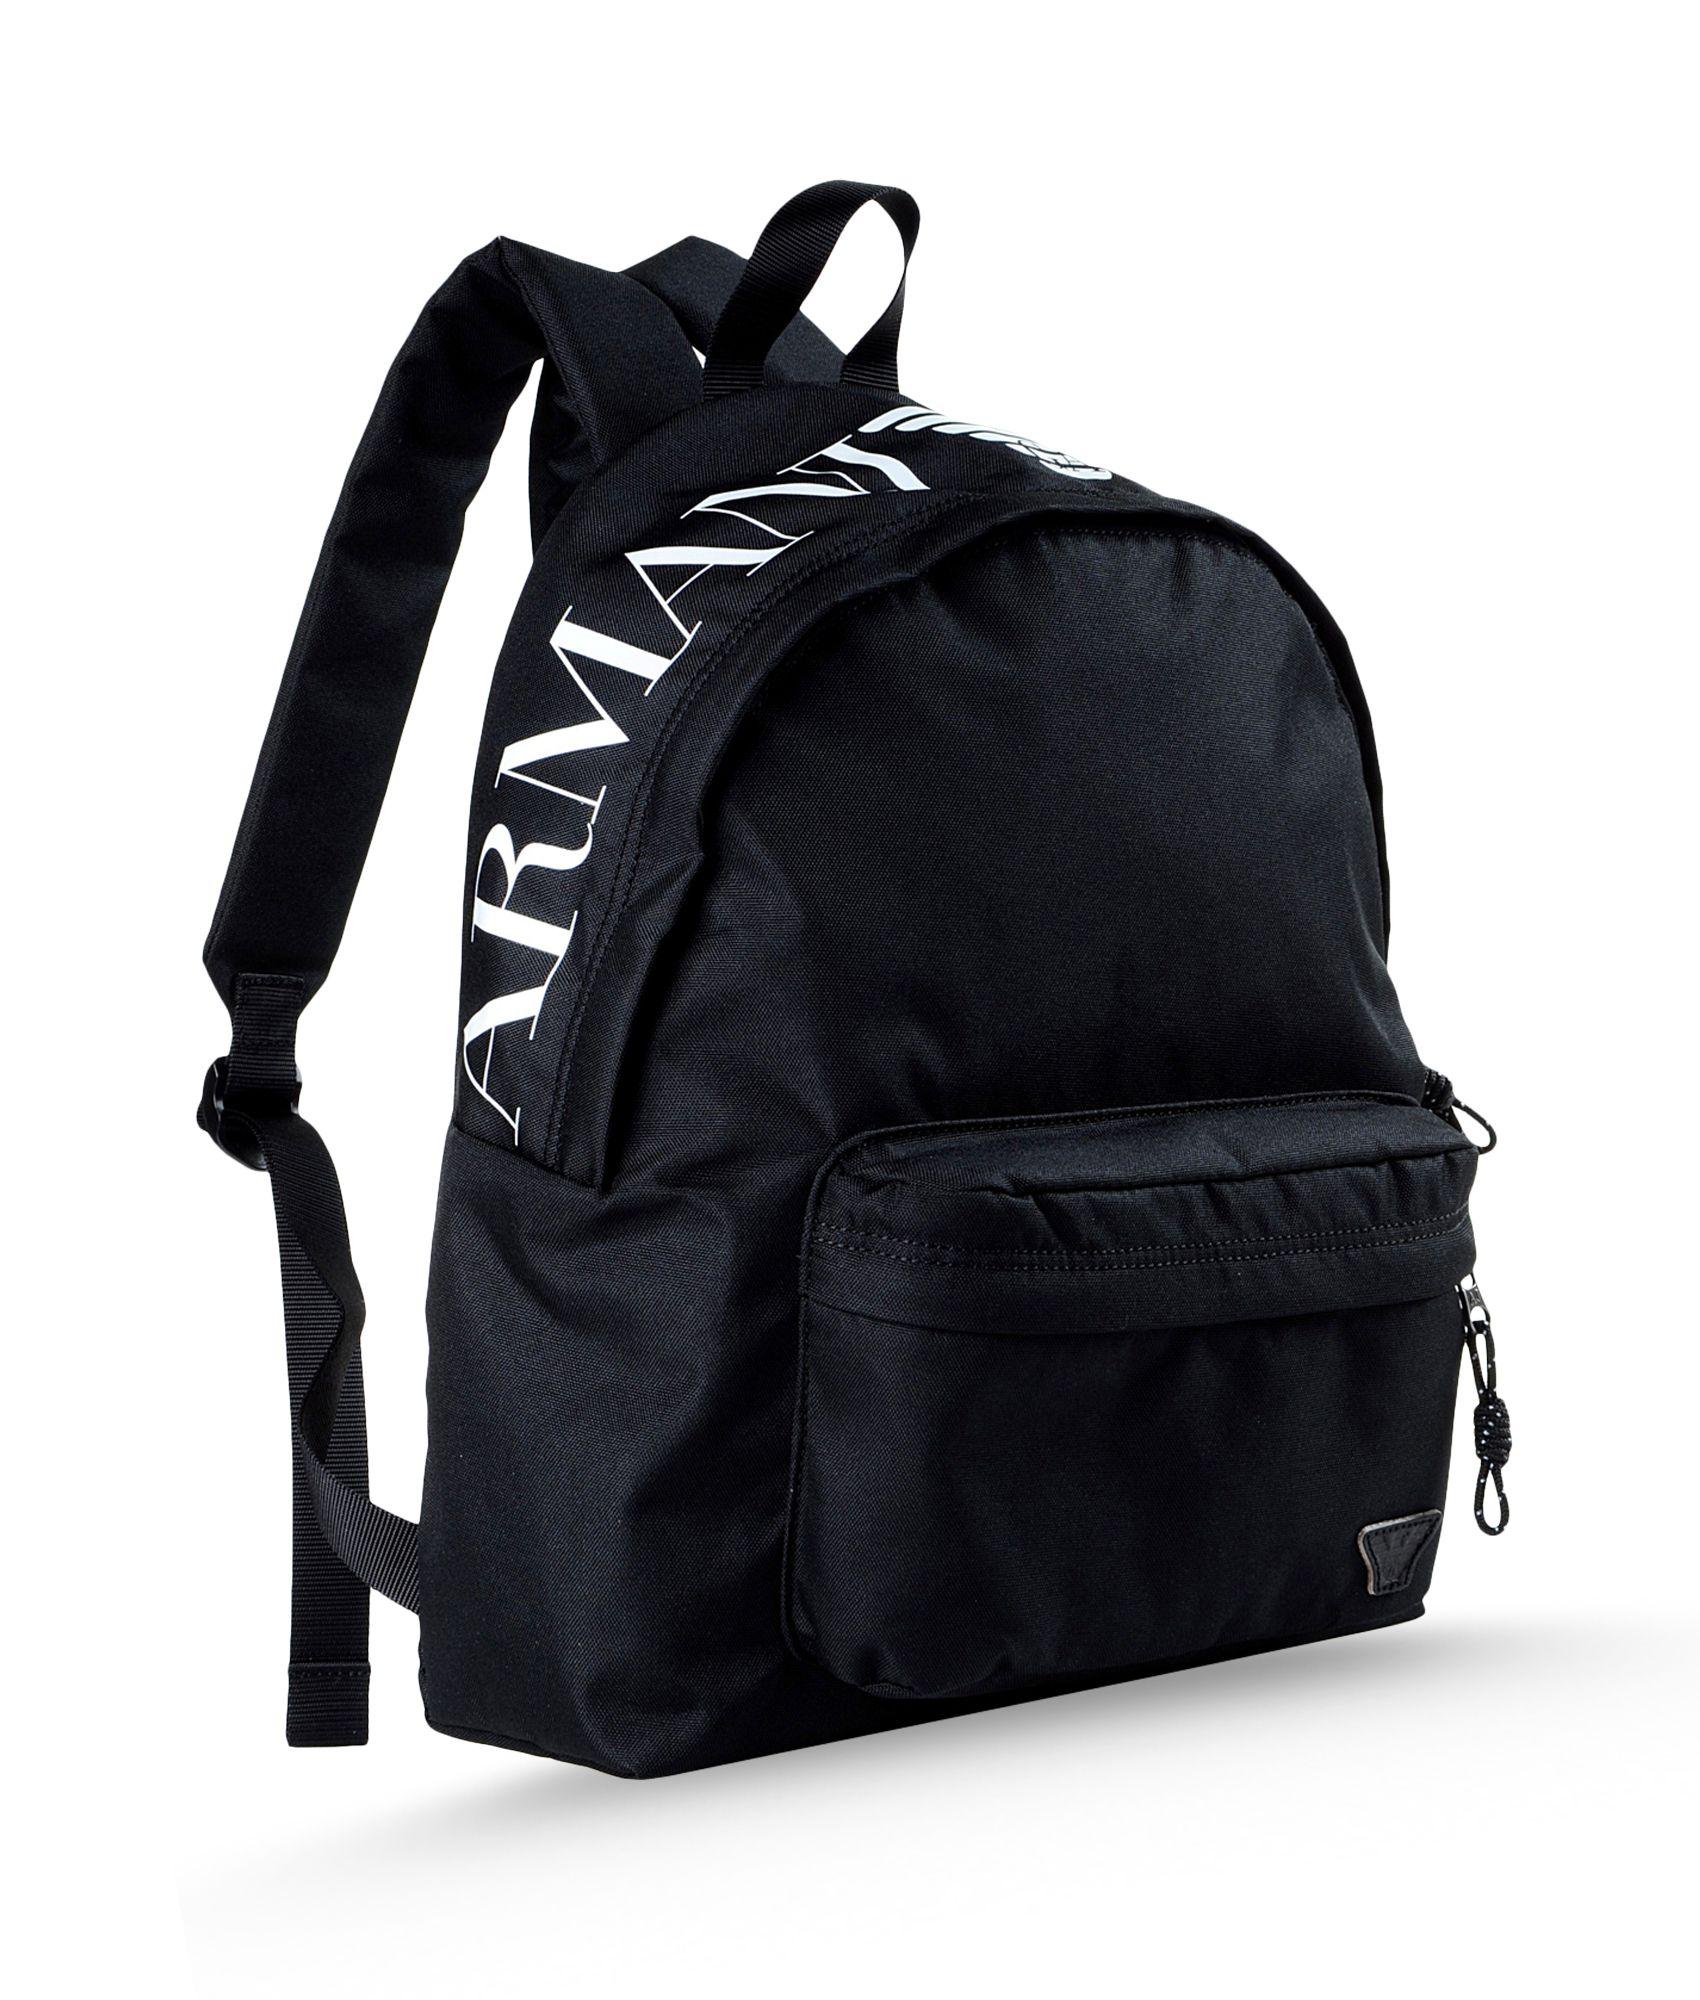 6b771a682260 armani jeans jacket  ahm96h Armani Backpacks